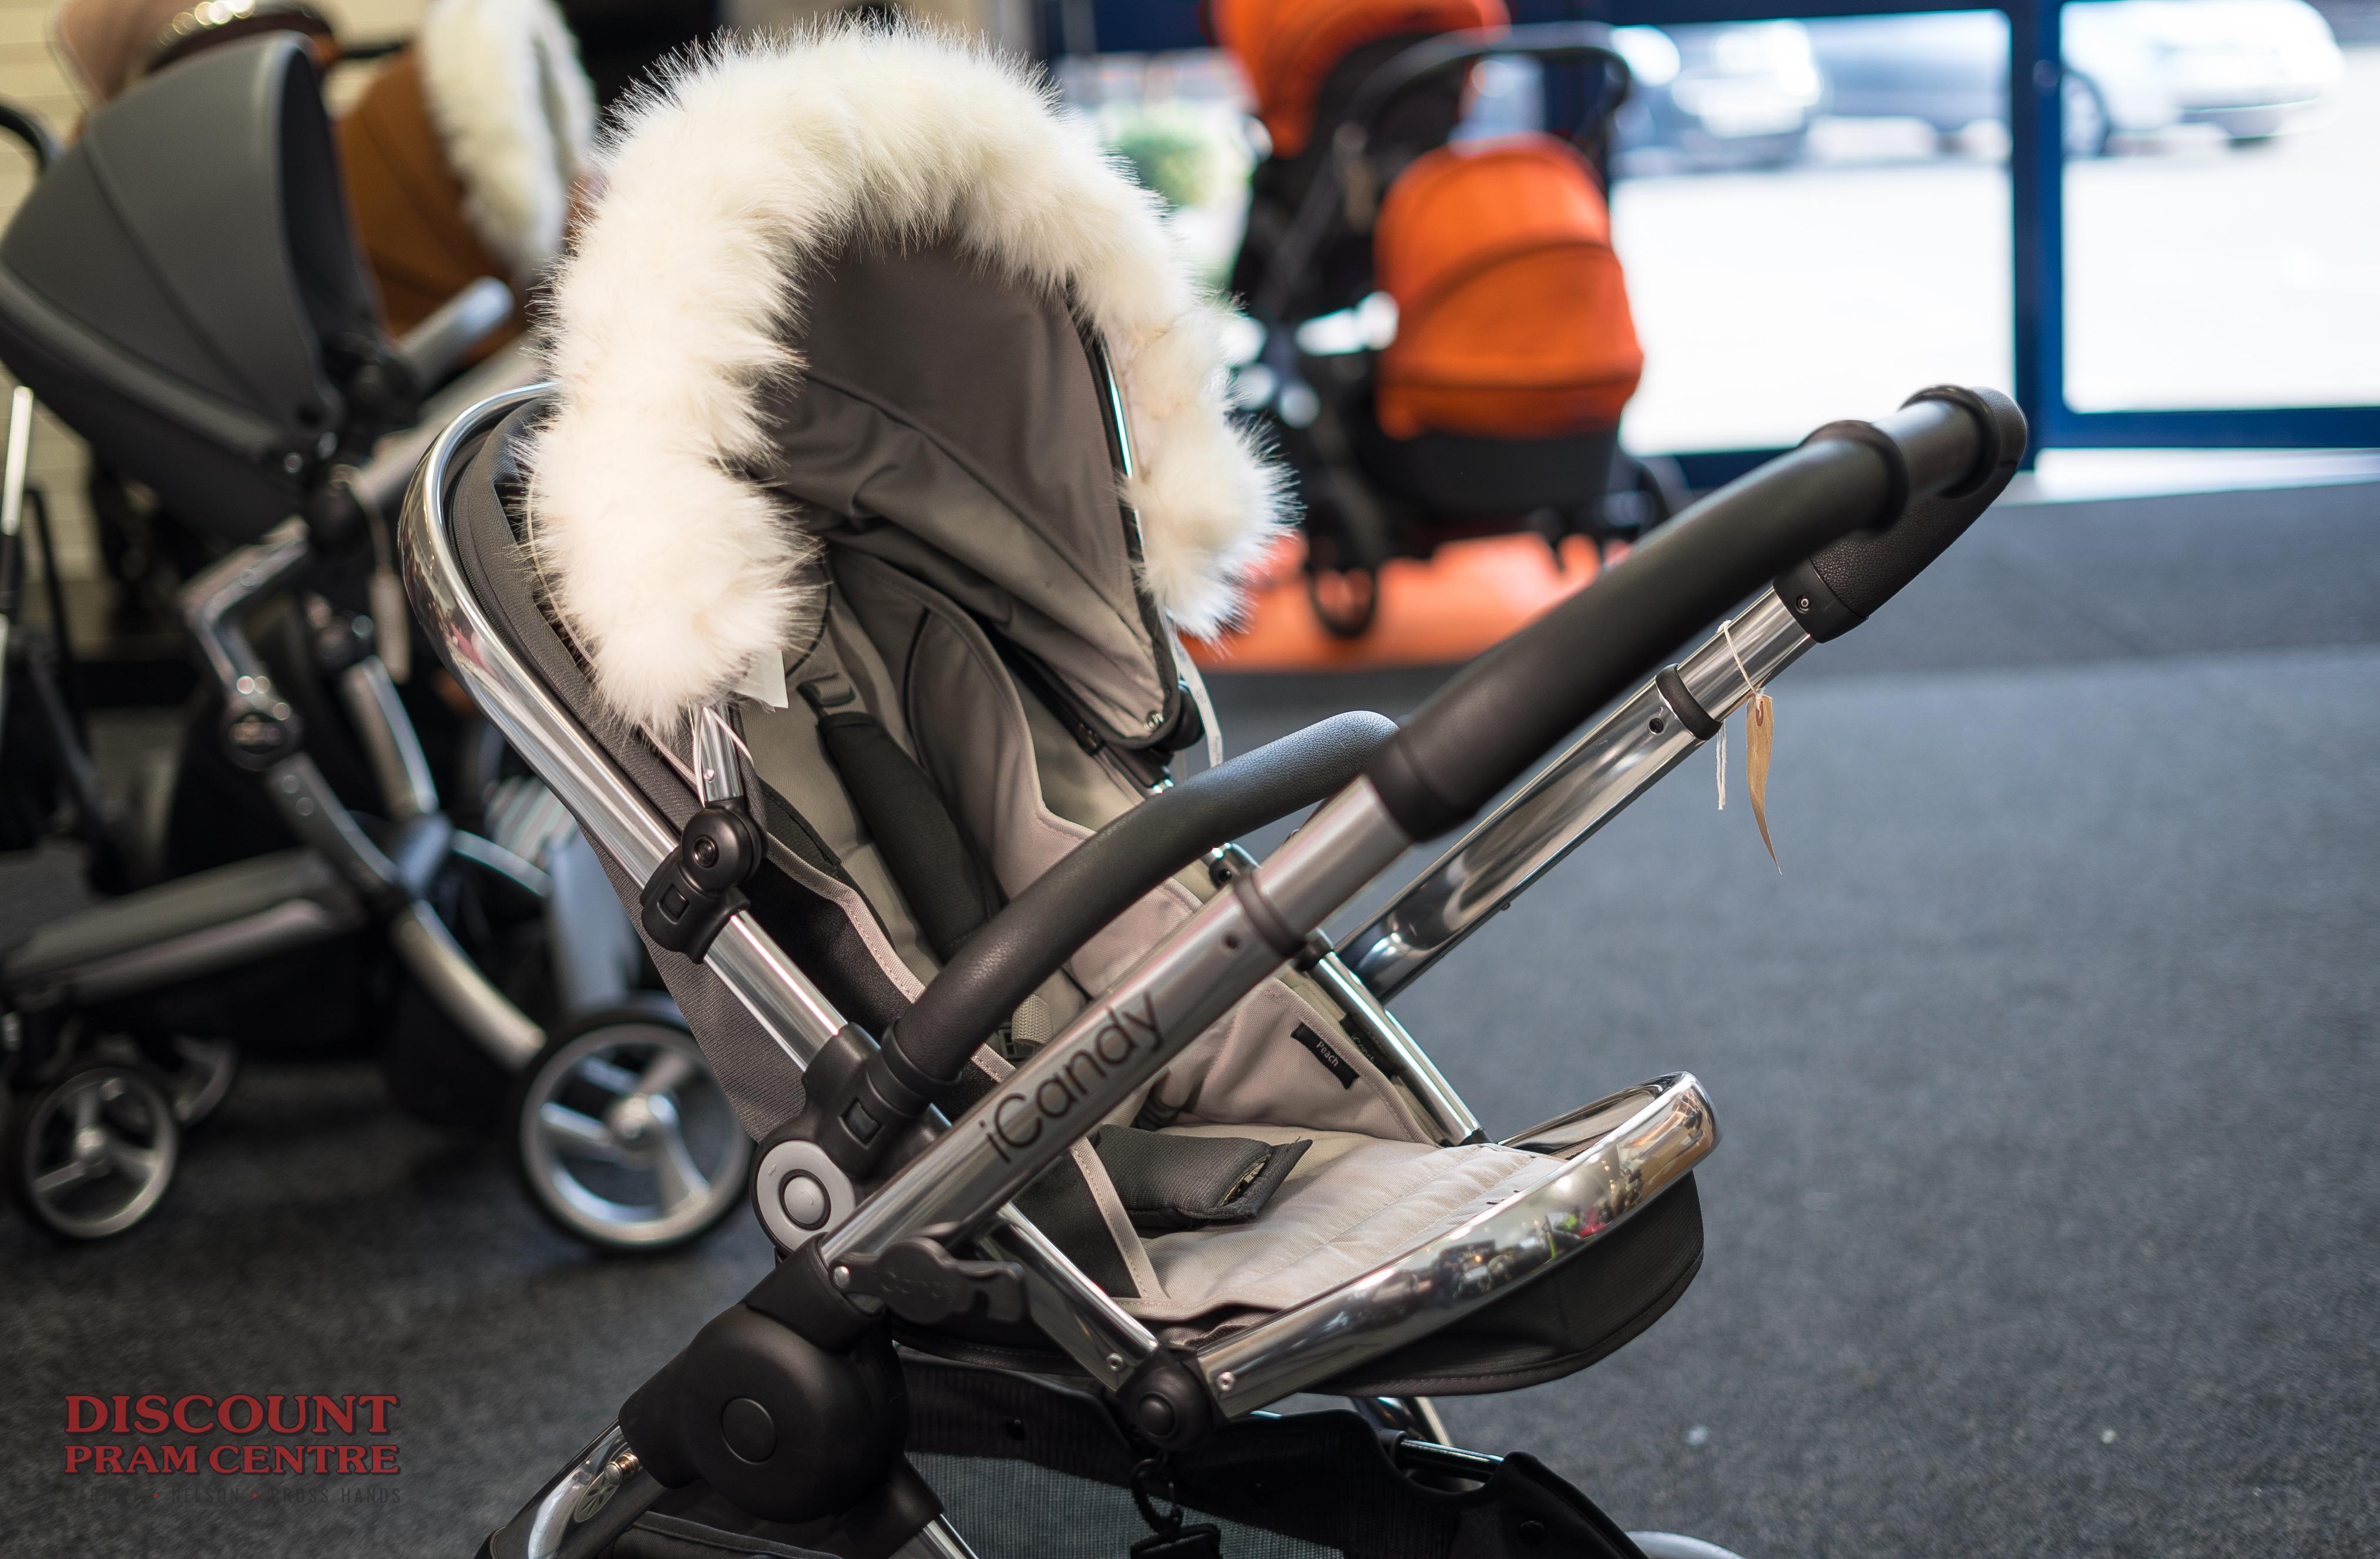 Pram Furs - Discount Pram Centre - 21